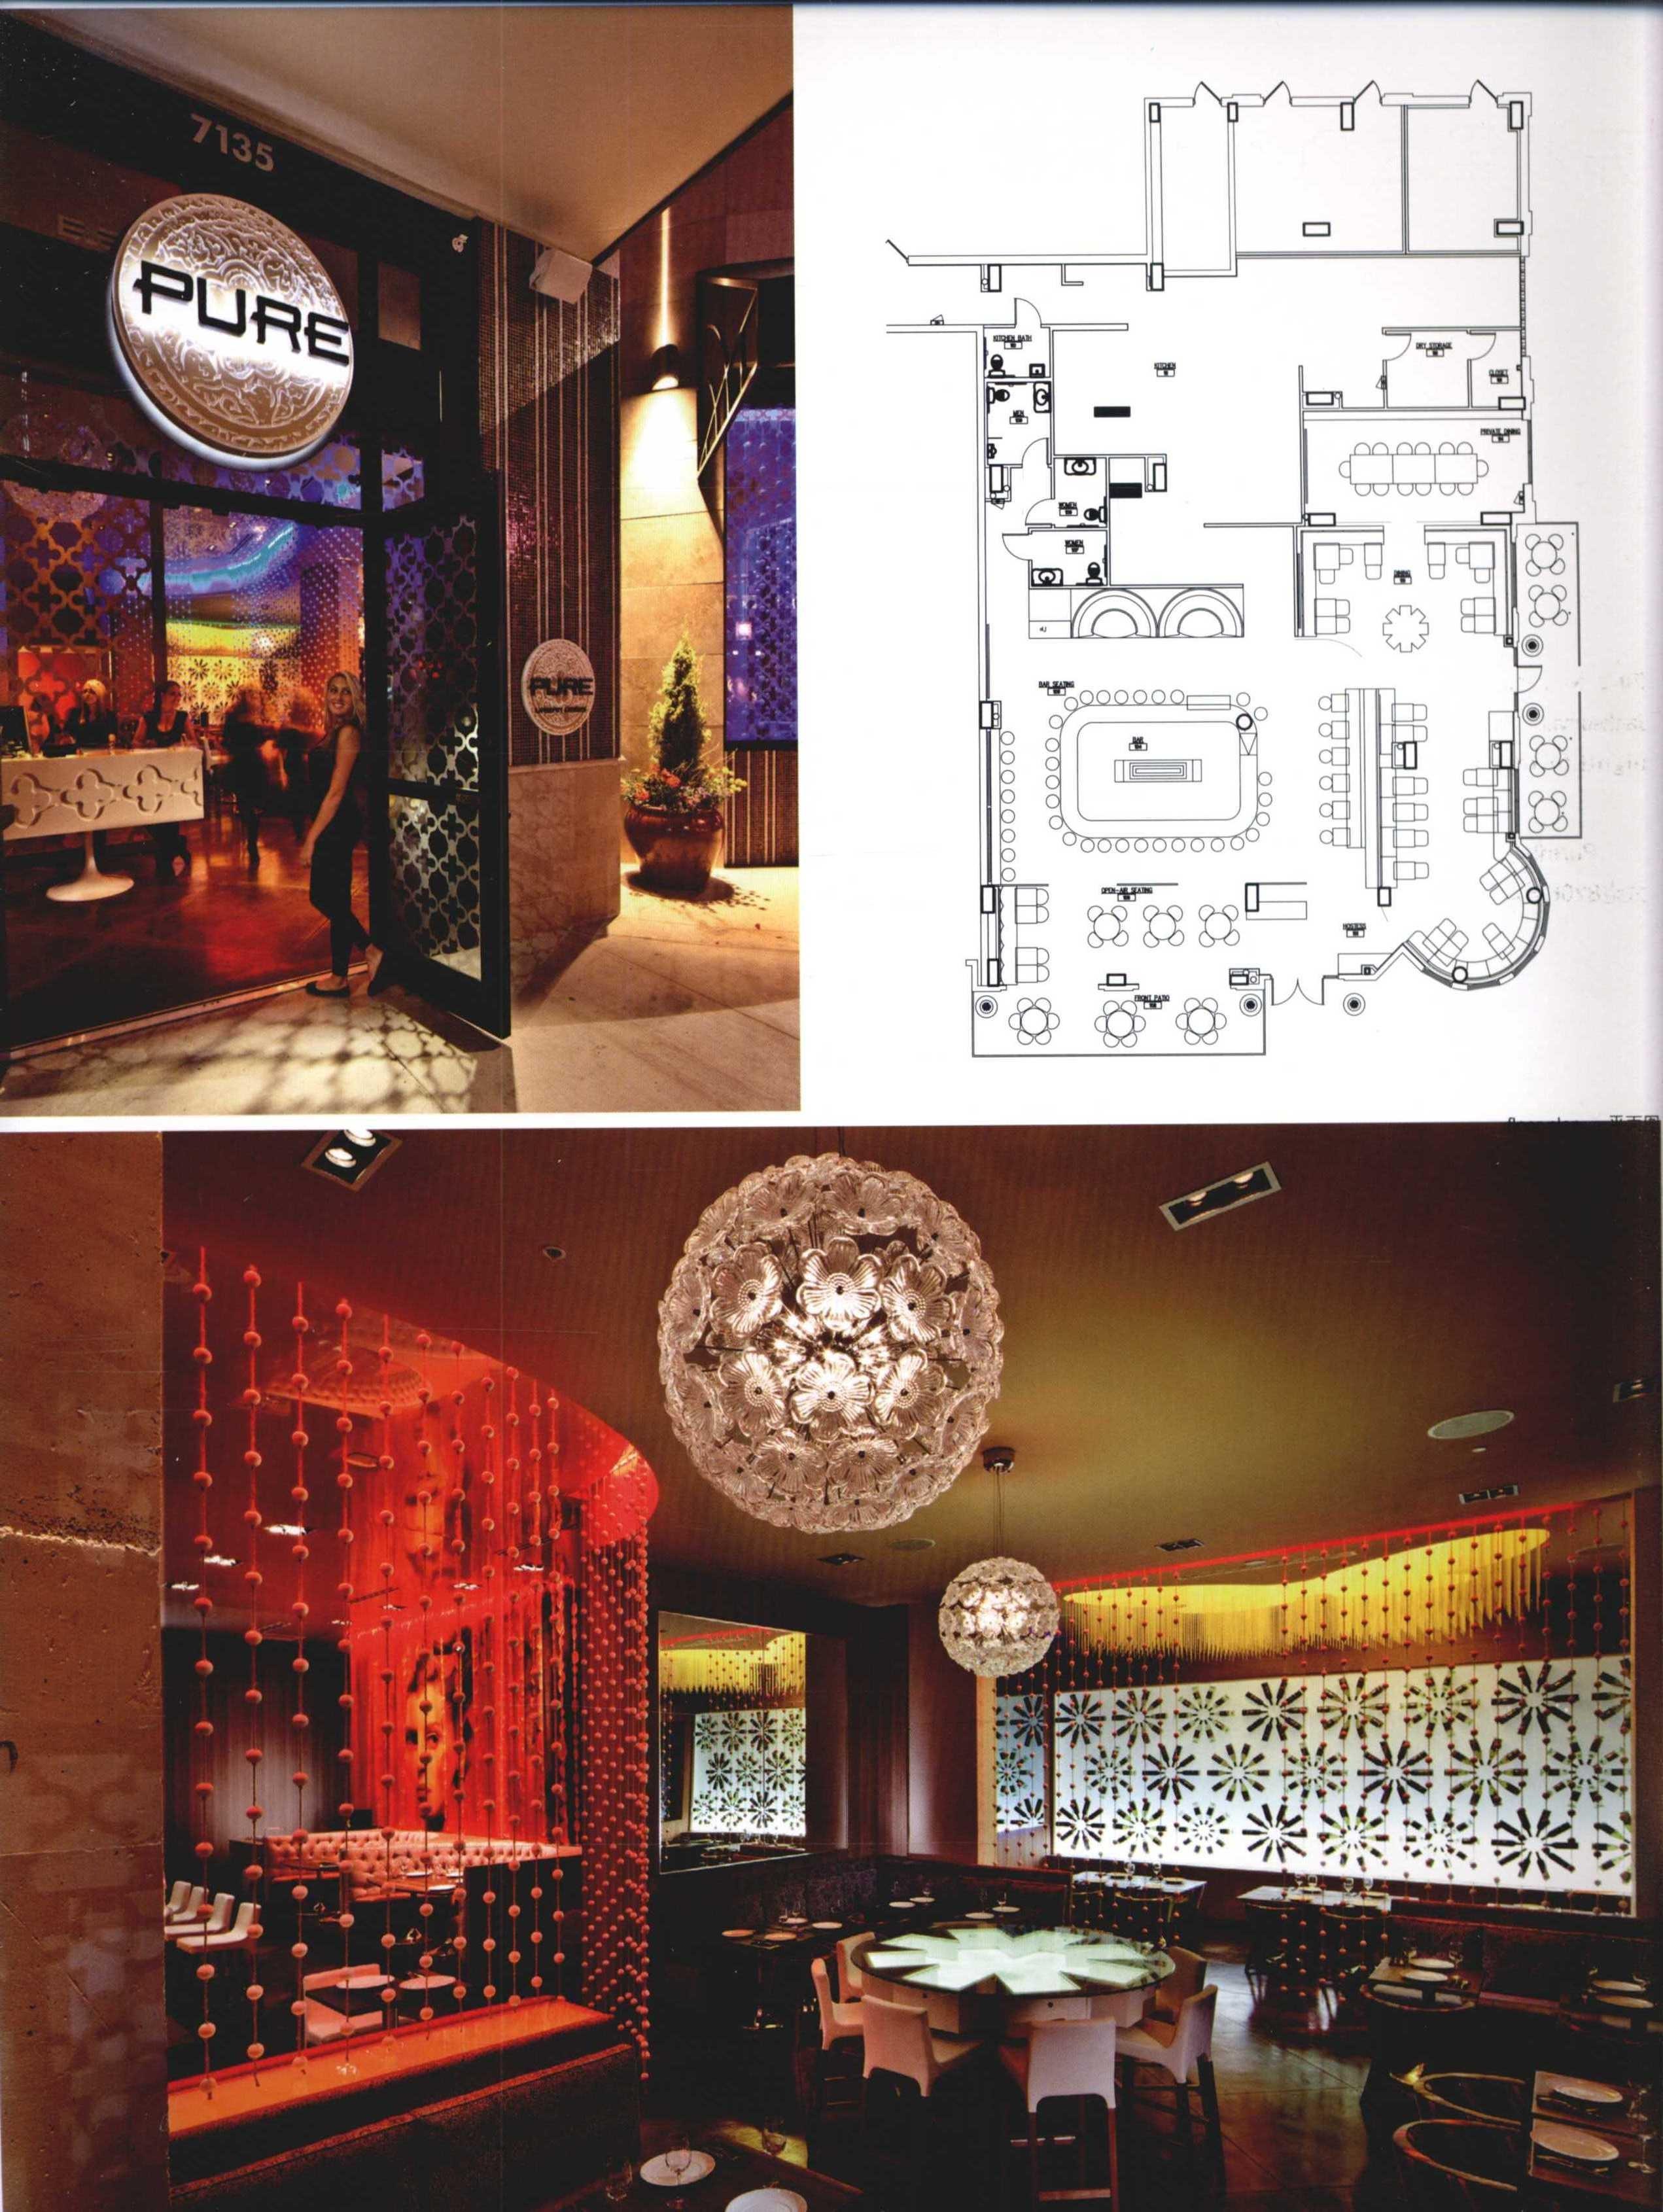 2012全球室内设计年鉴  餐饮_Page_316.jpg